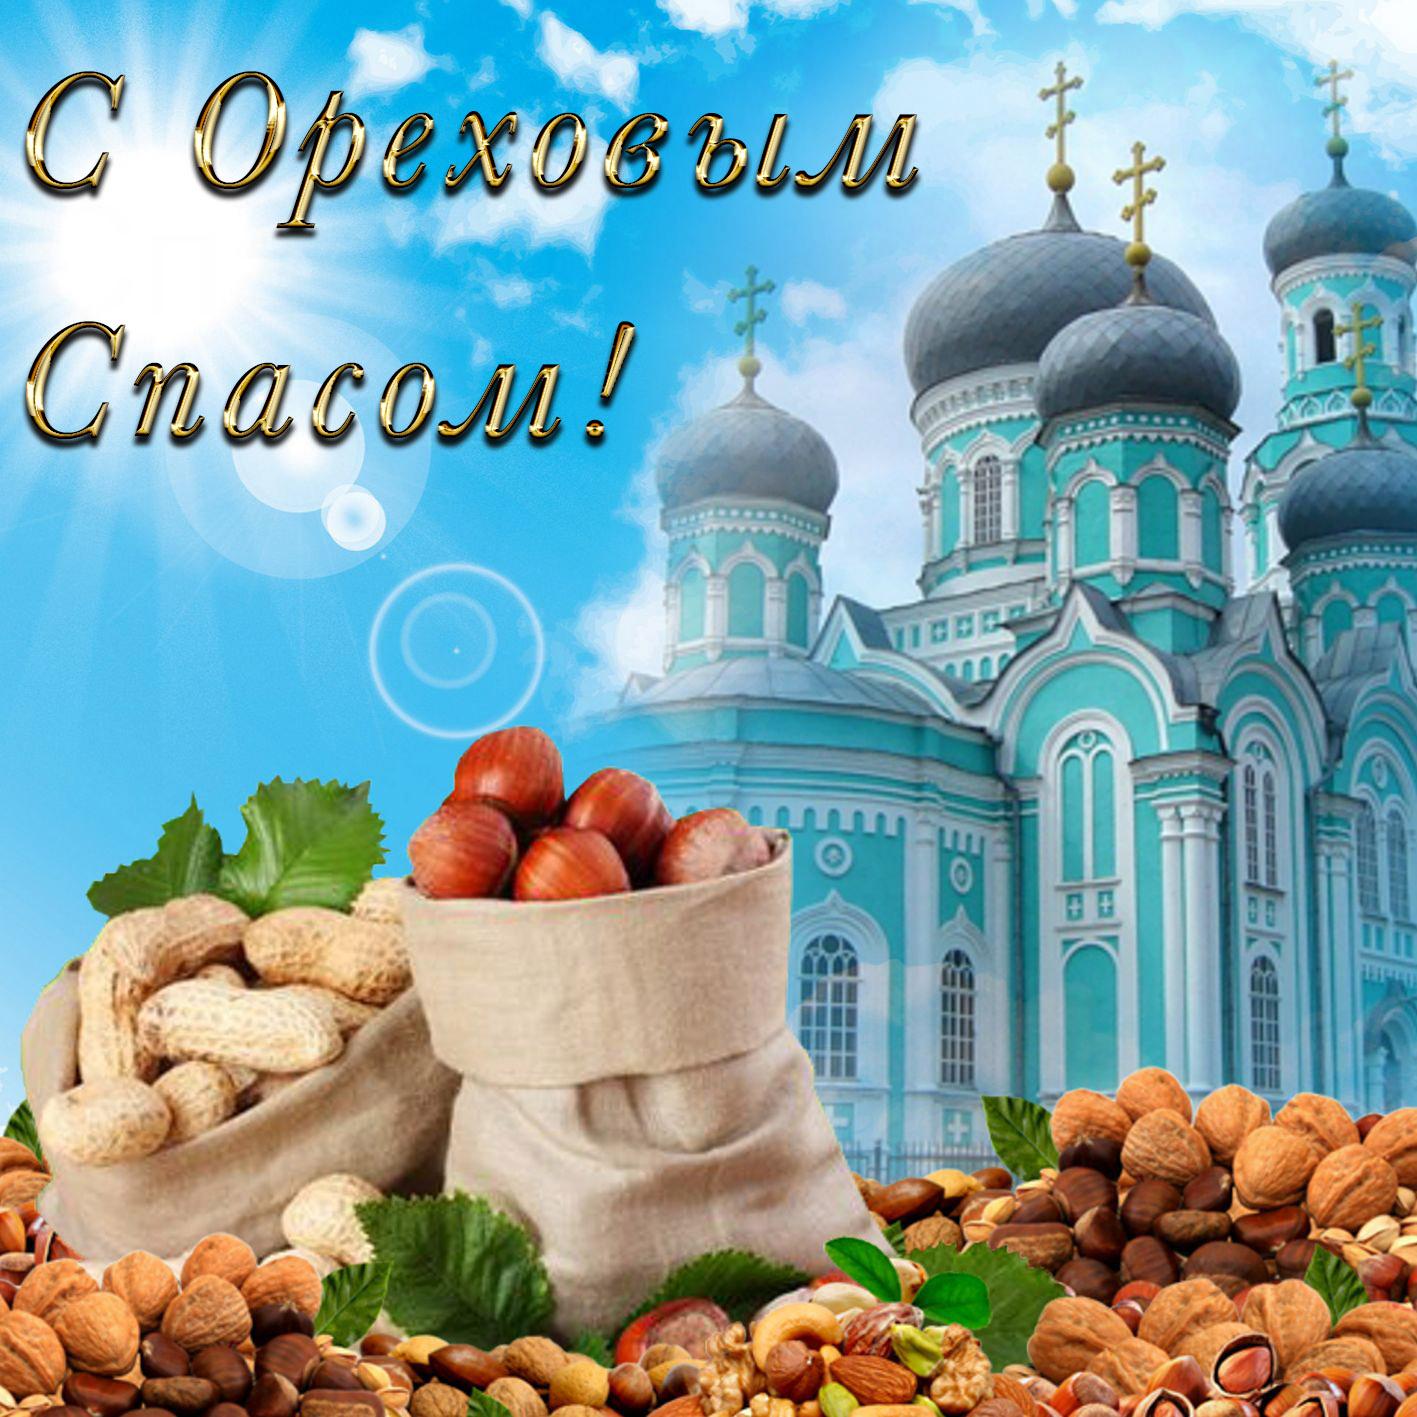 фото с ореховым спасом картинки для русскоязычного